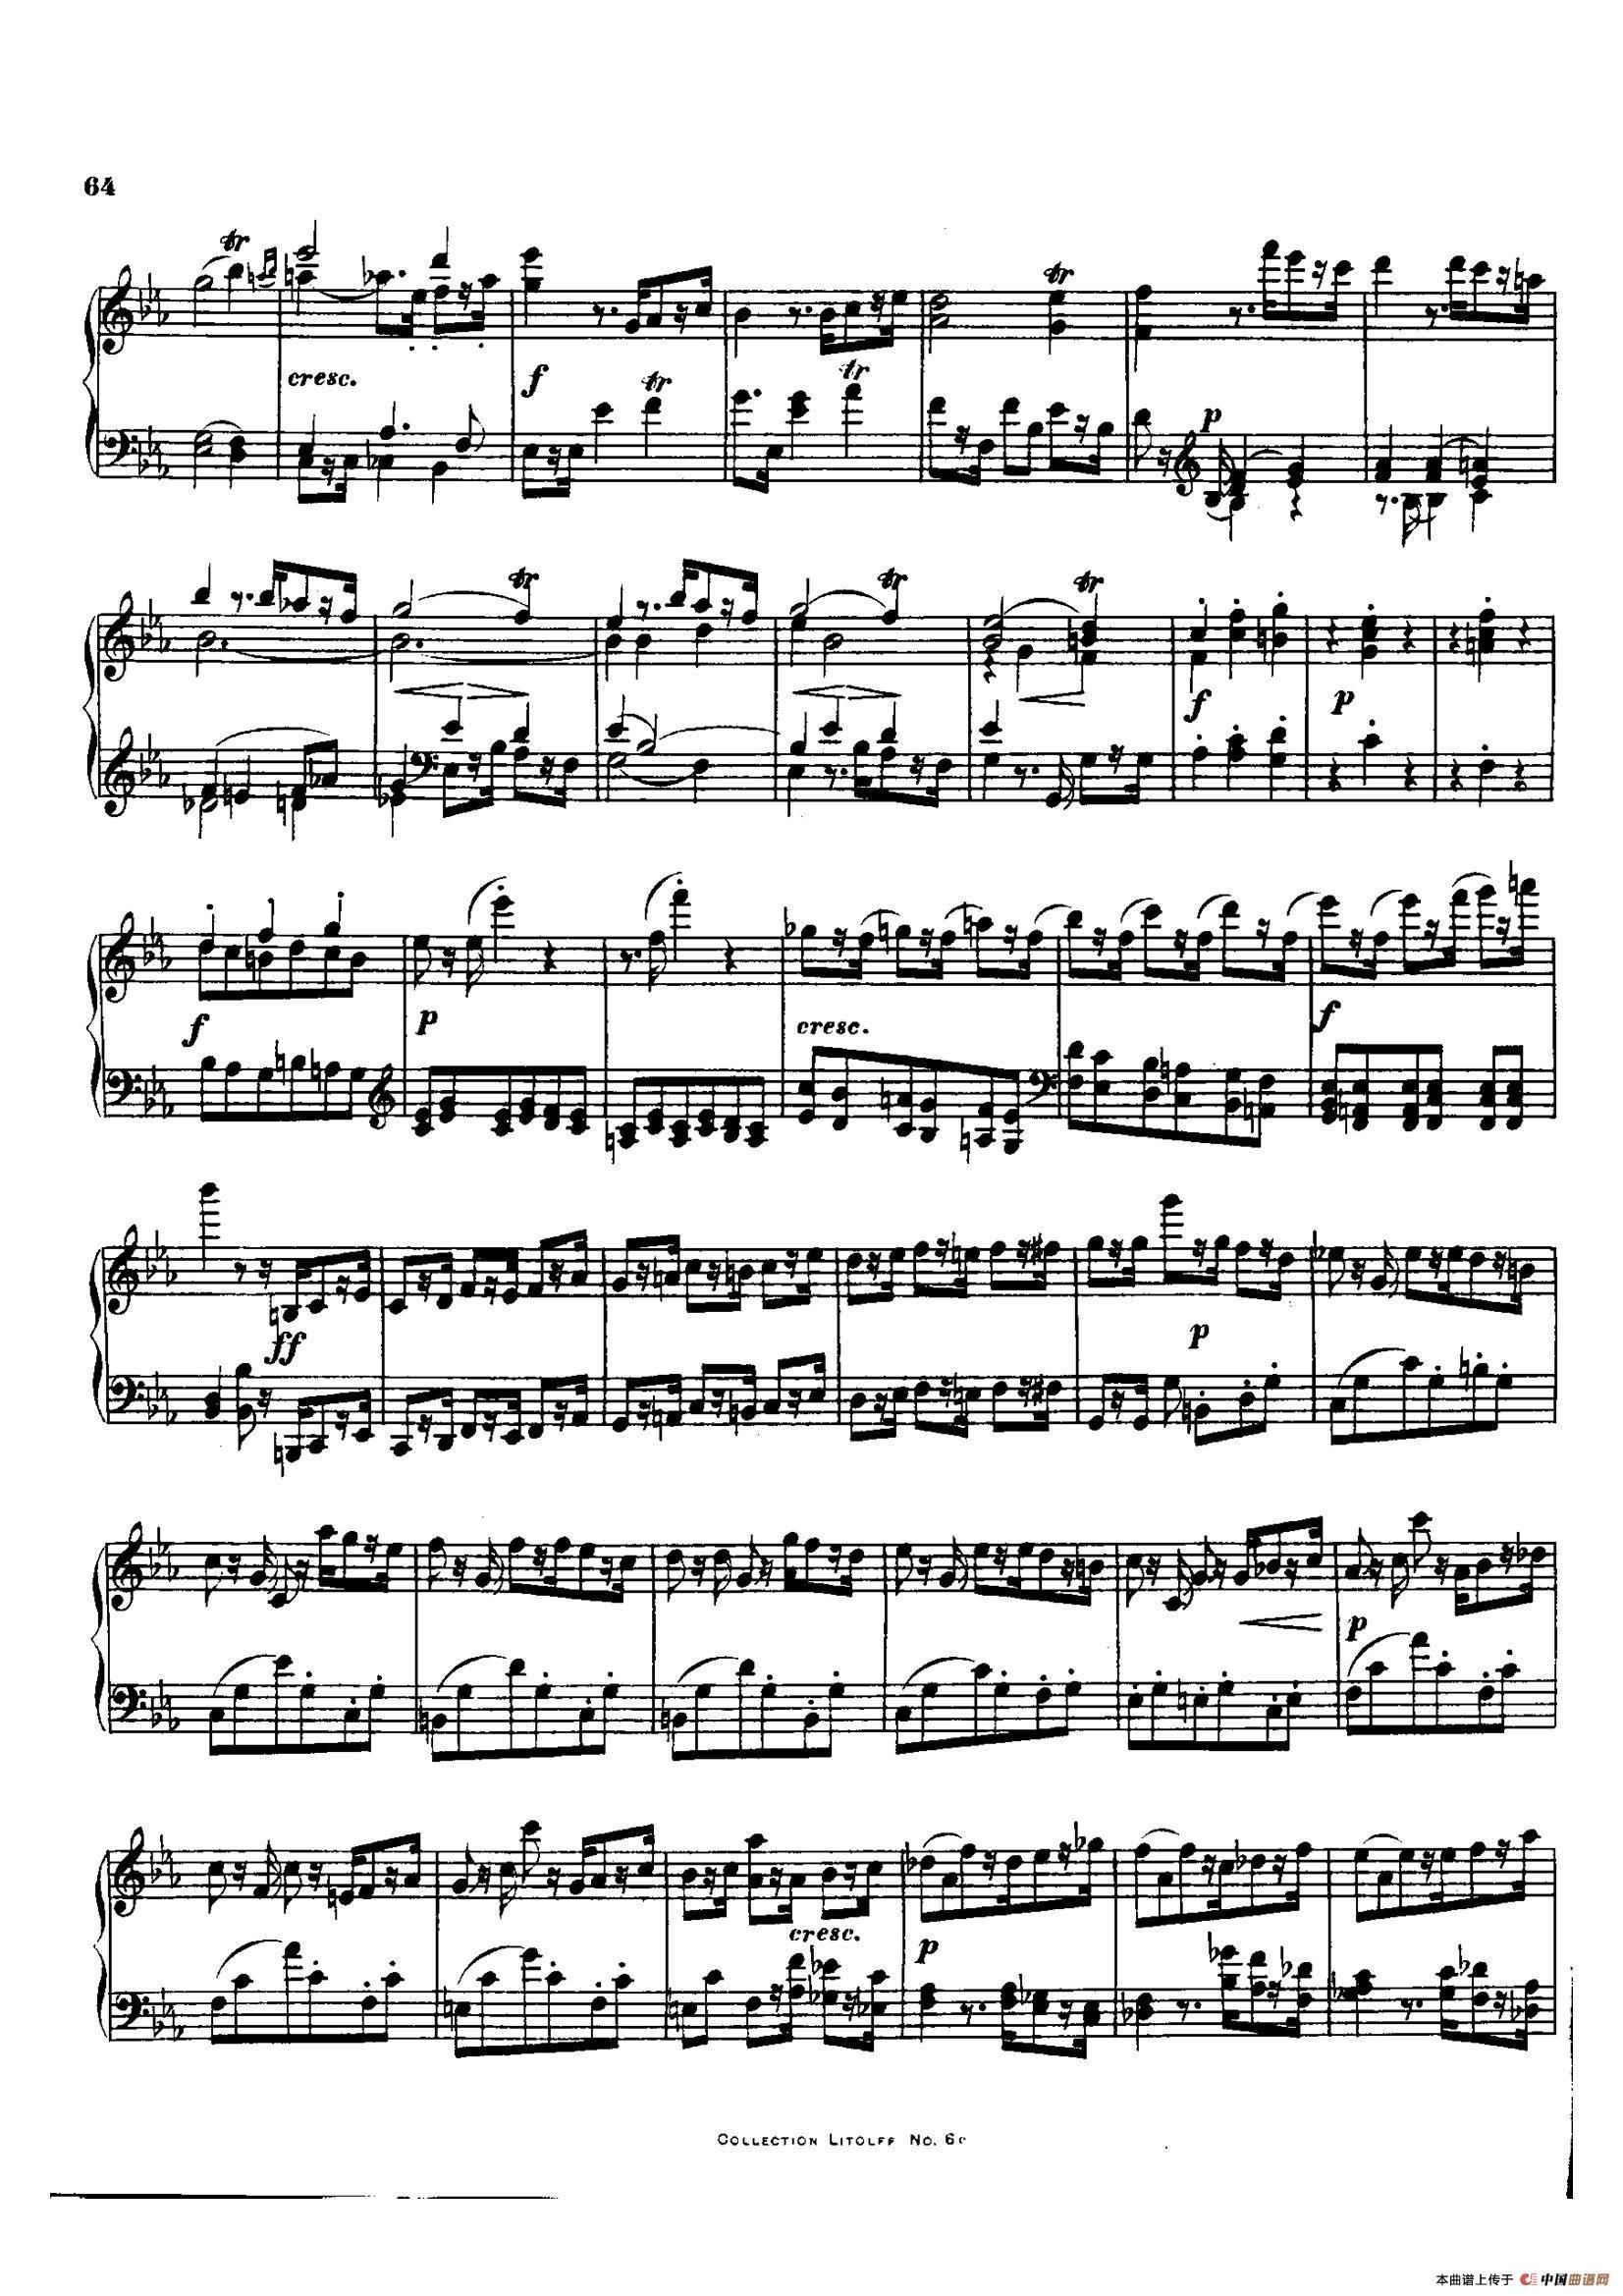 降E大调第十二弦乐四重奏(钢琴独奏版)(1)_原文件名:019.jpg